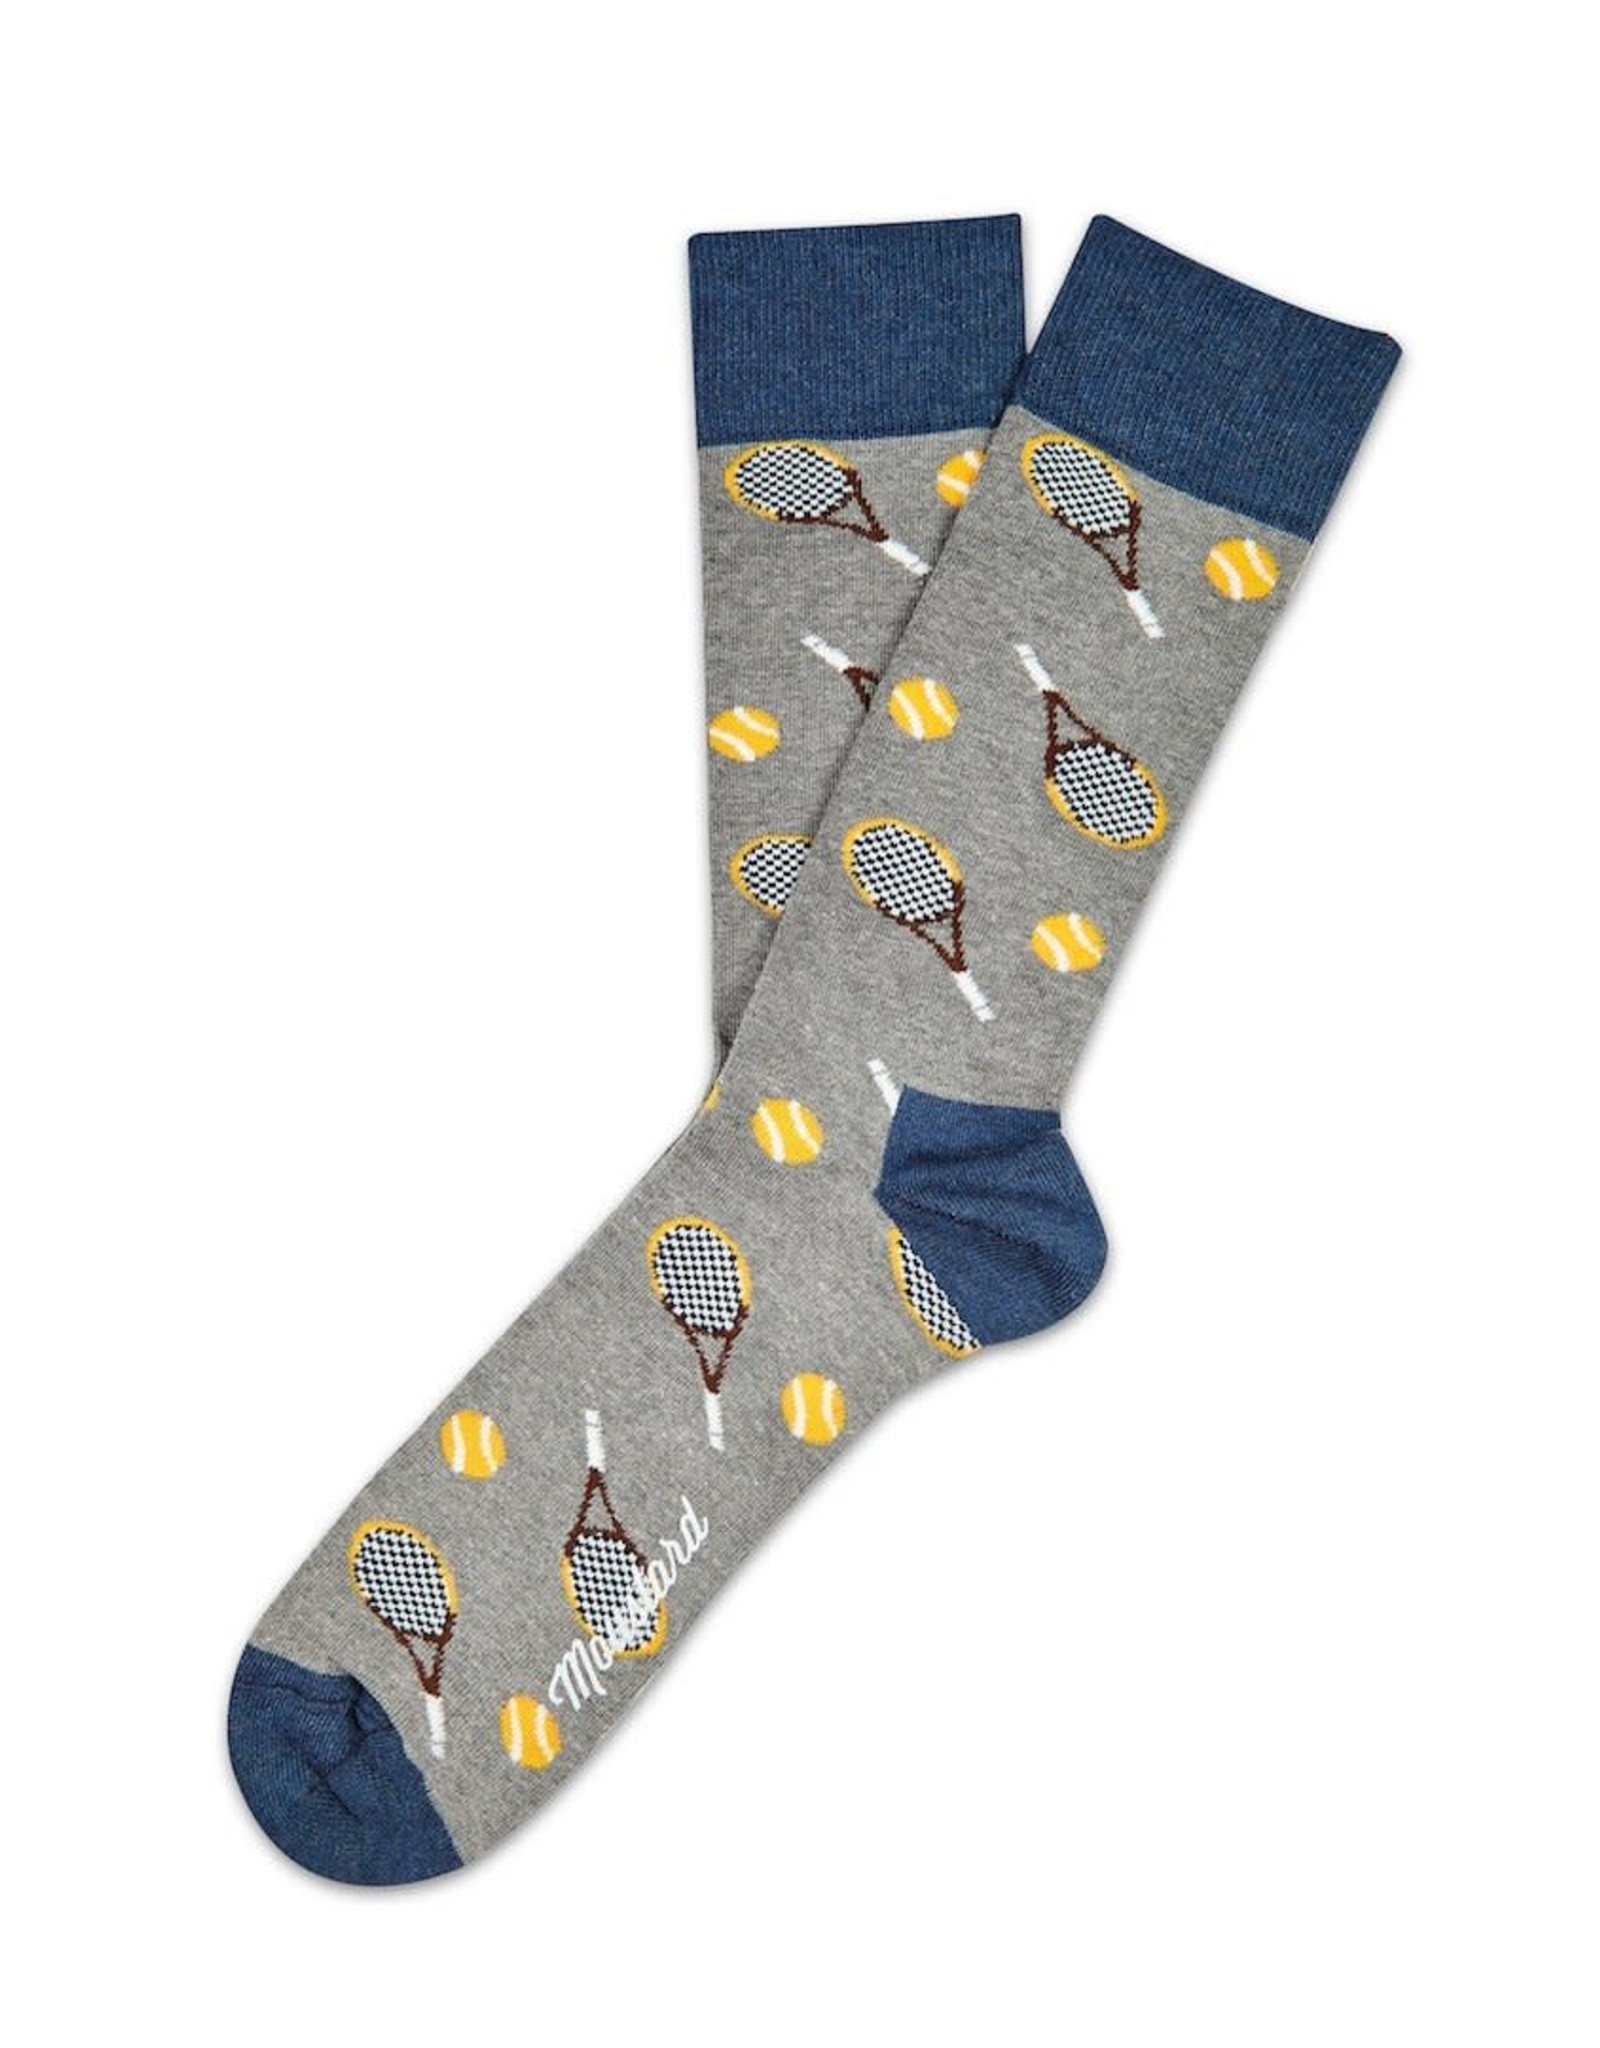 Moustard socks - tennis (41-46)